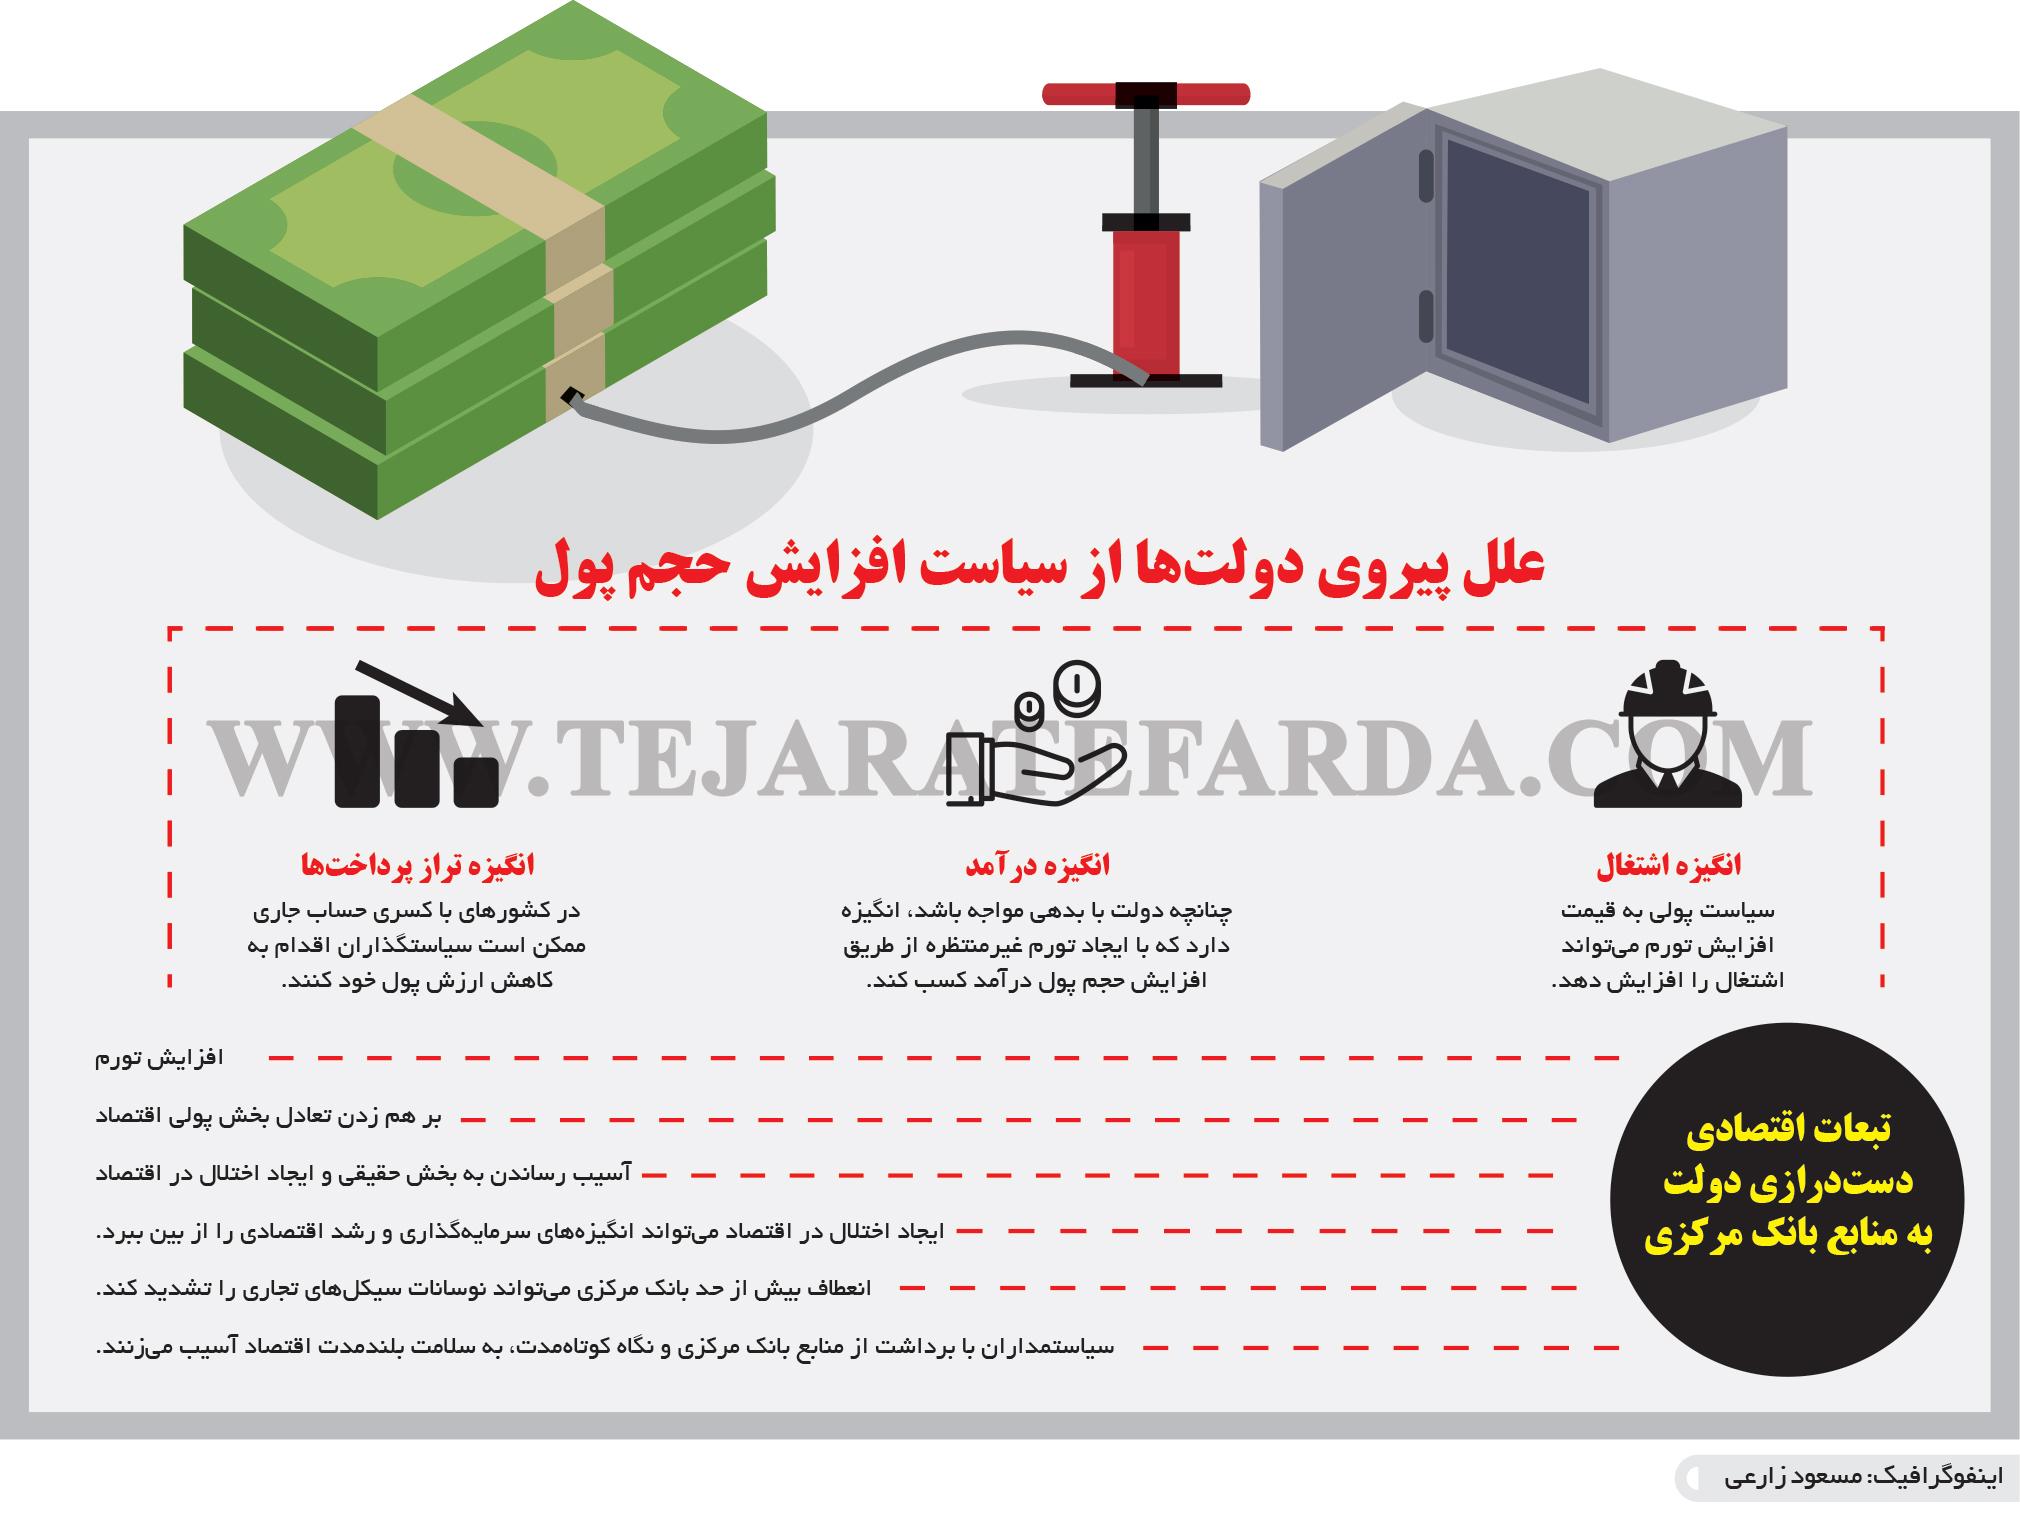 تجارت فردا- اینفوگرافیک- علل پیروی دولتها از سیاست افزایش حجم پول